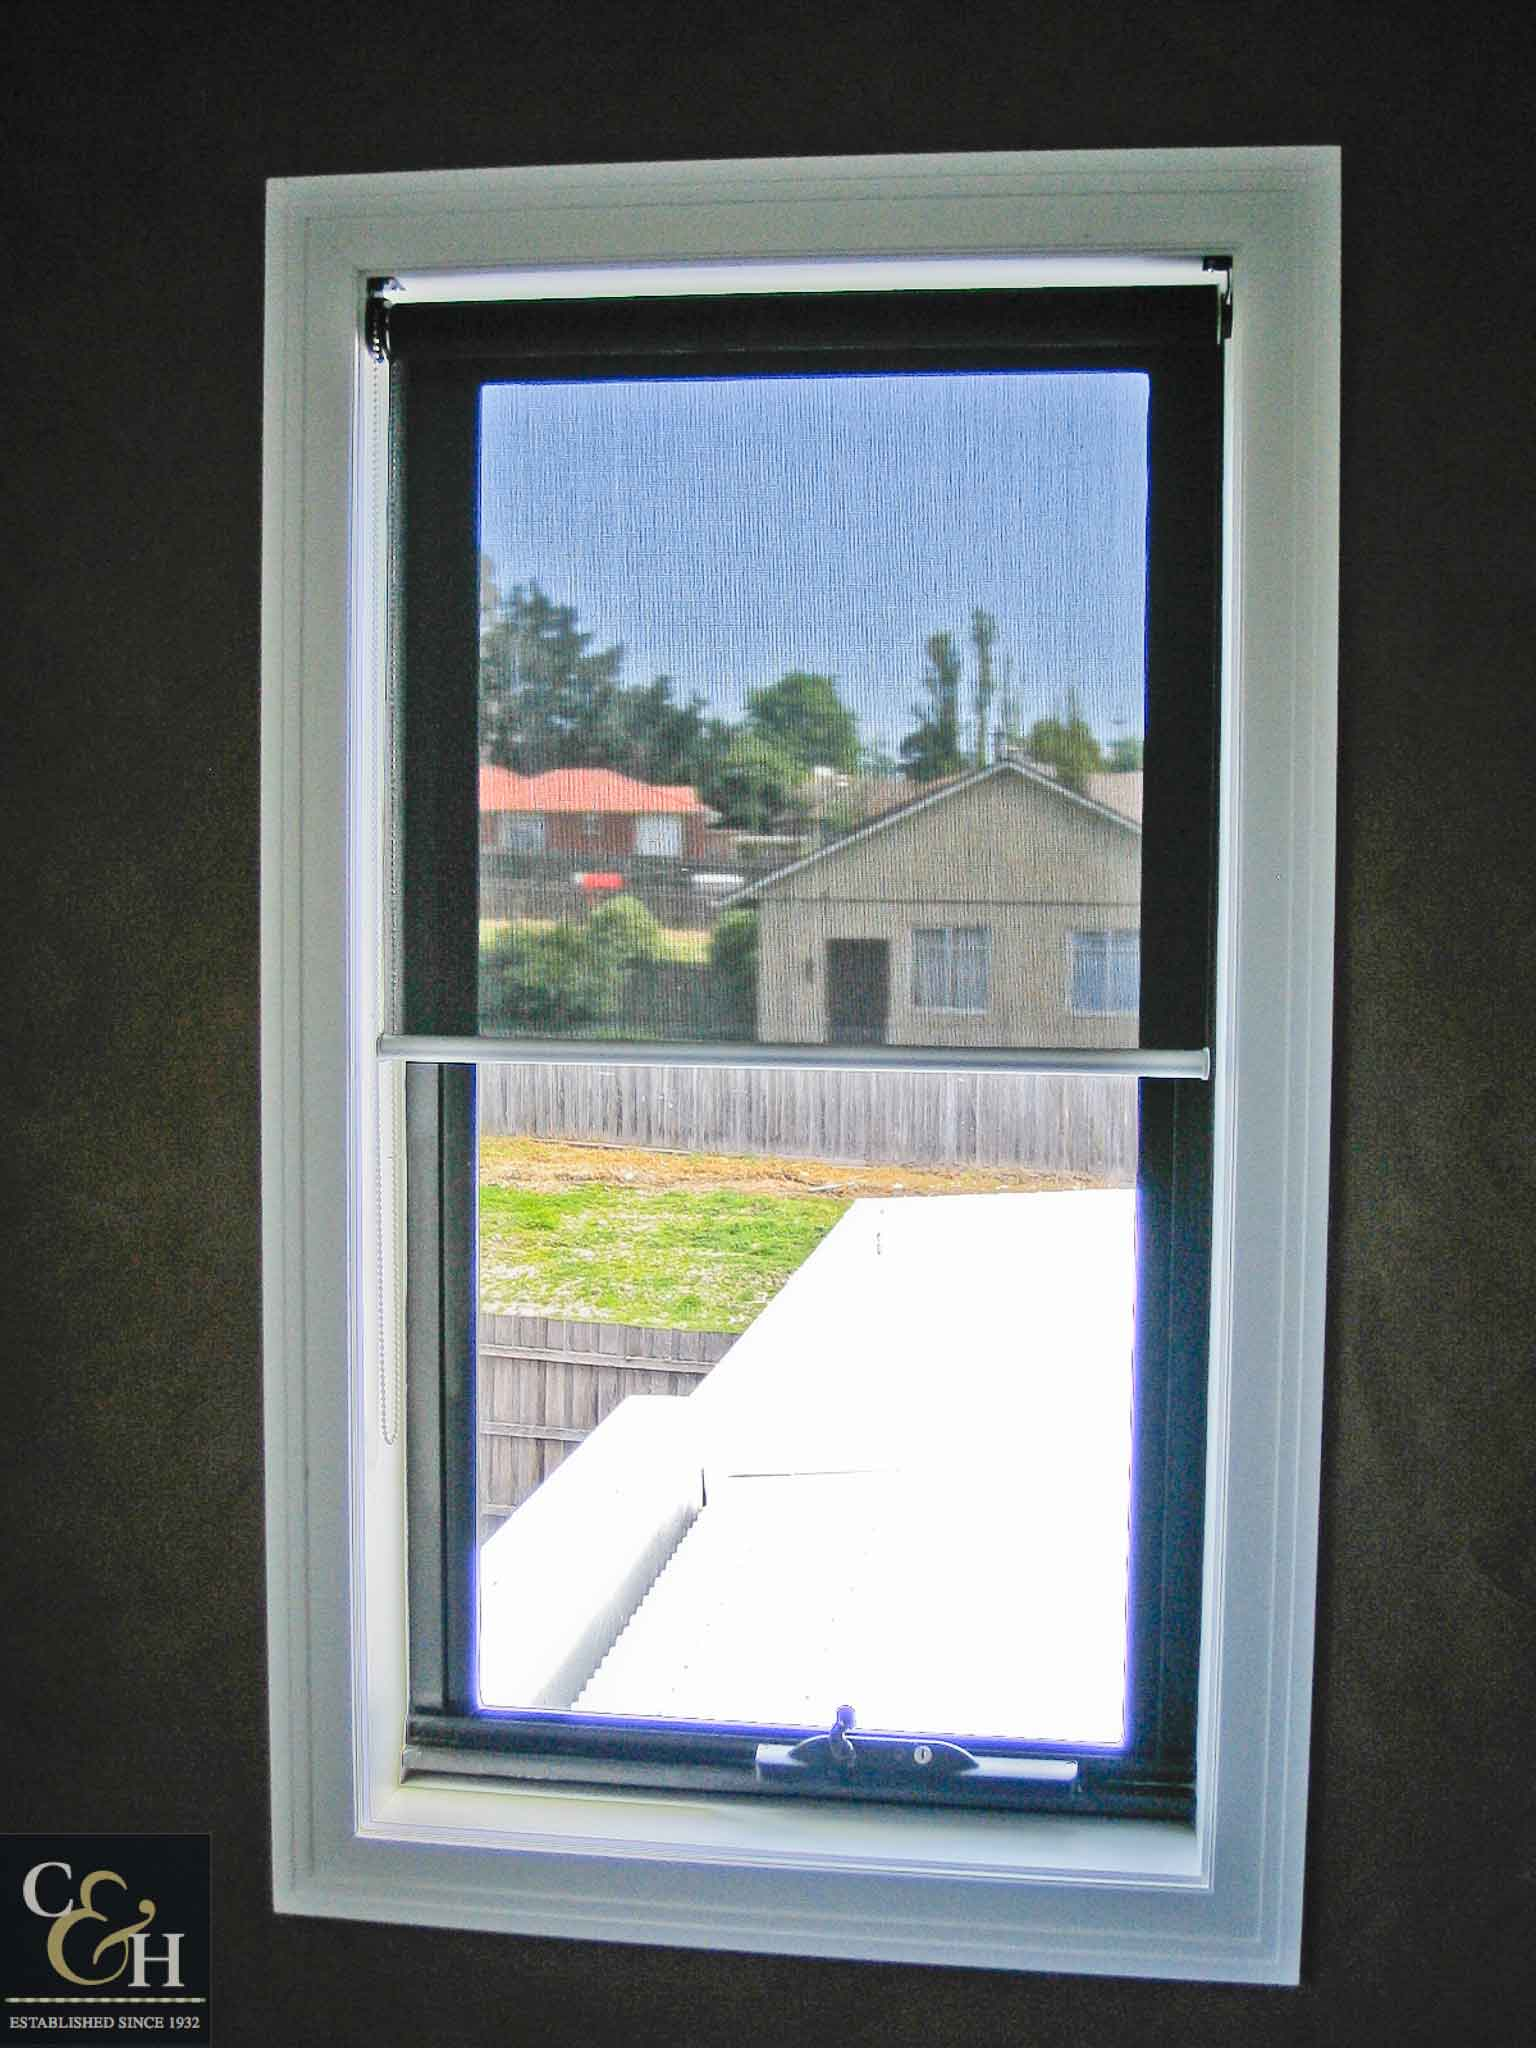 Screen-Roller-Blinds-13 inside a house